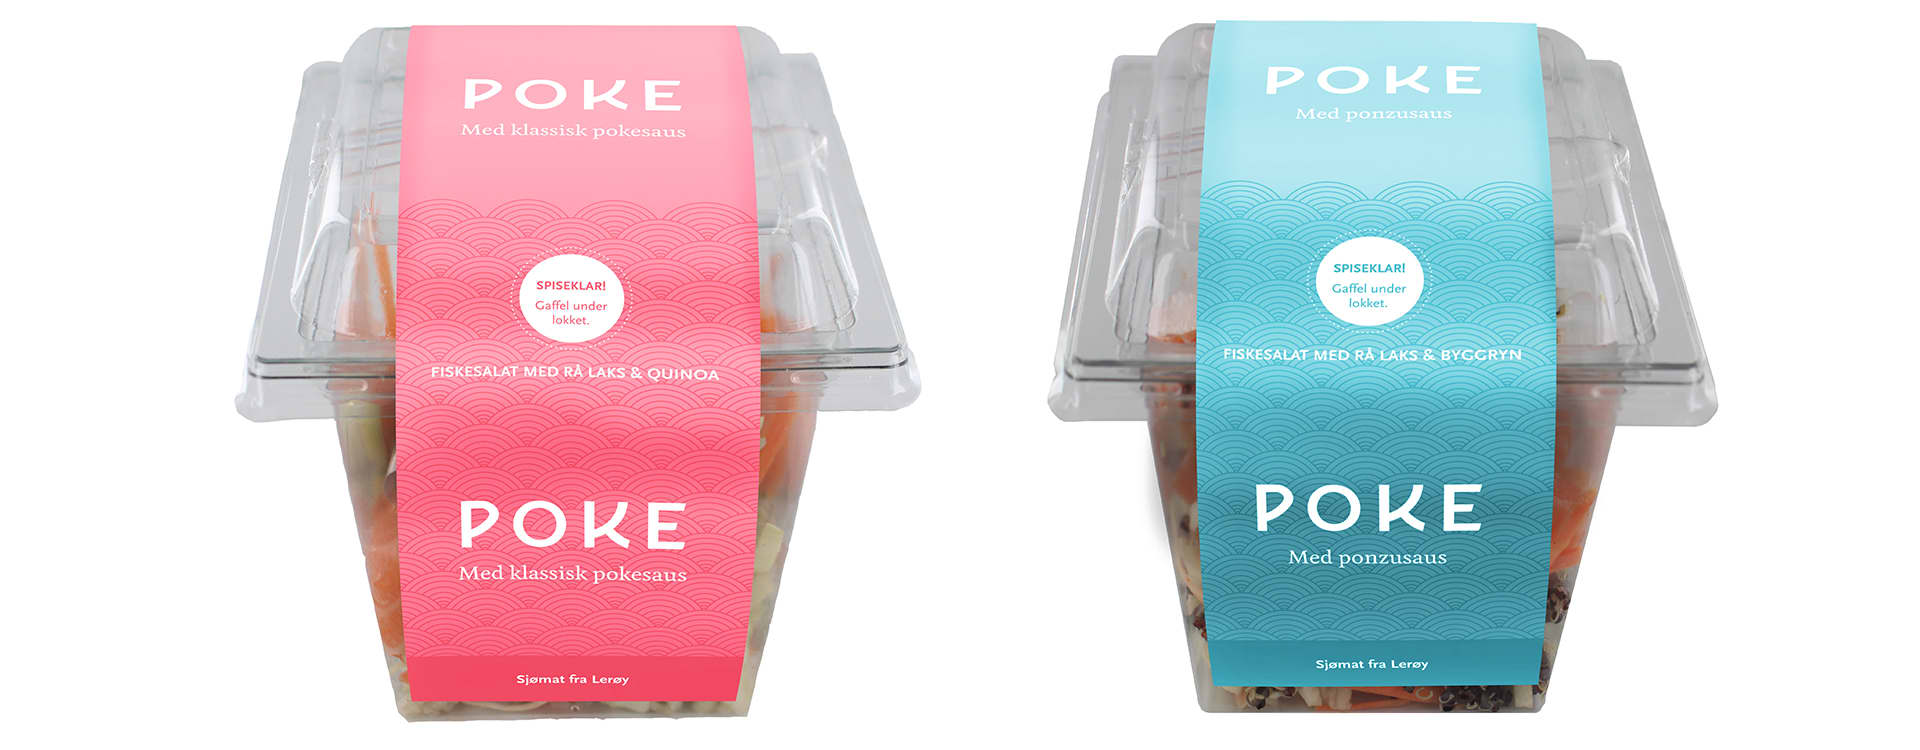 KIWI er først ute med nyheten Poke, som er spådd å bli den nye sushien.